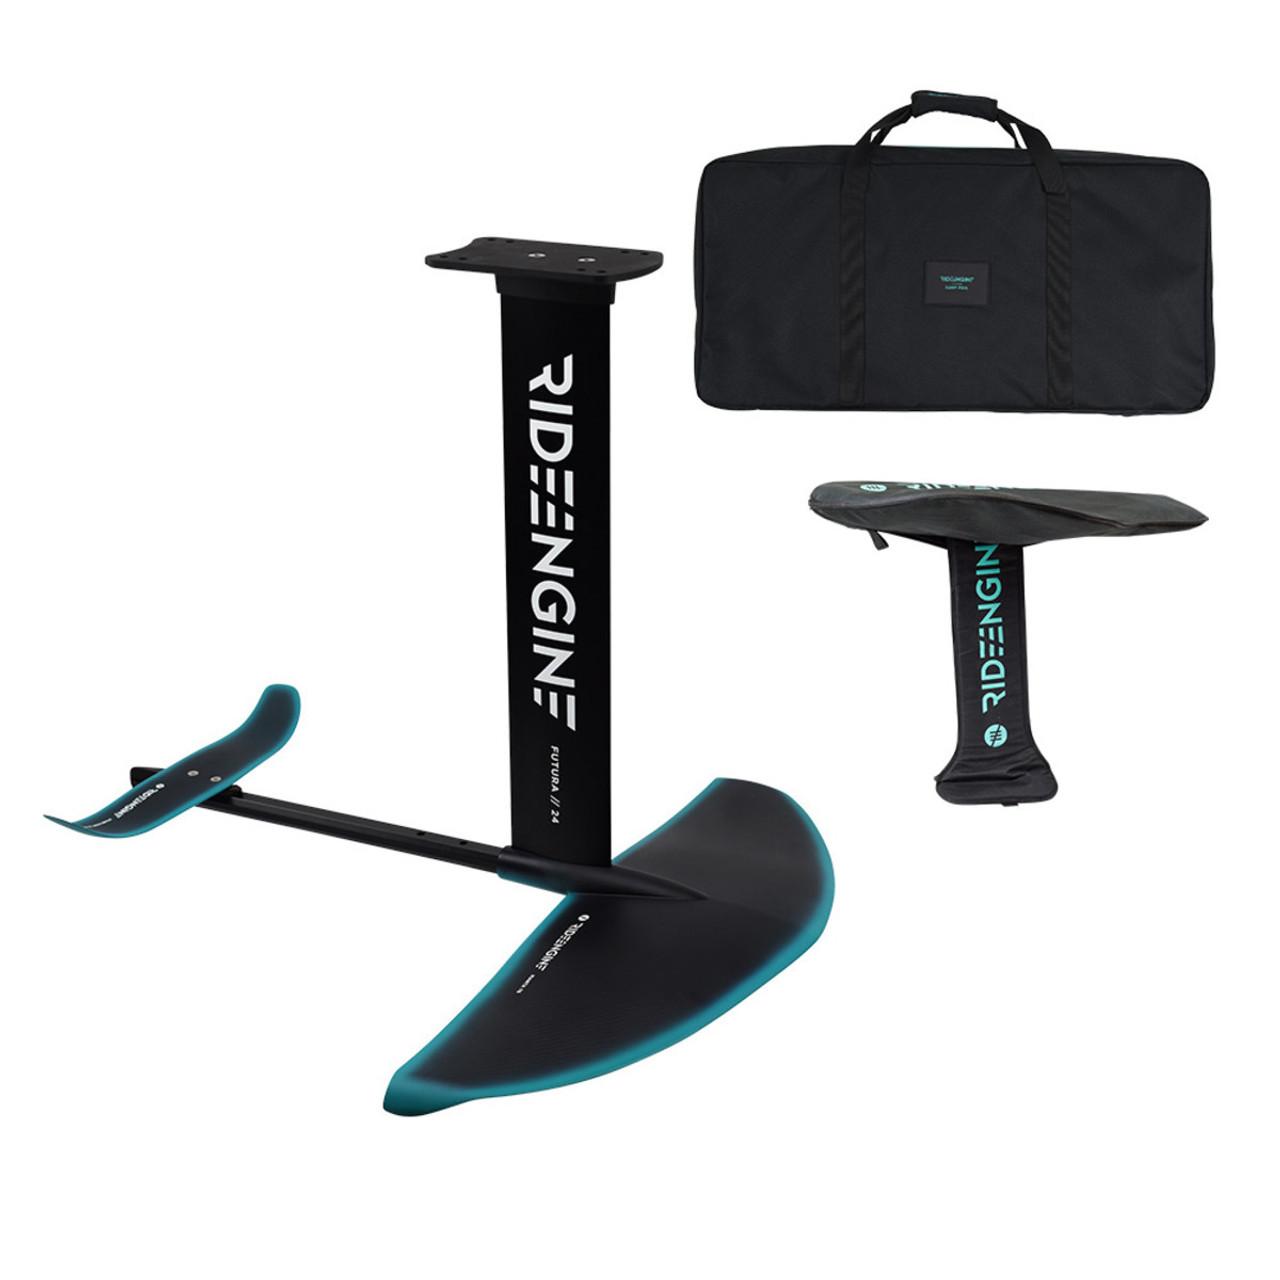 Futura Surf 76cm Foil Package (320020002)